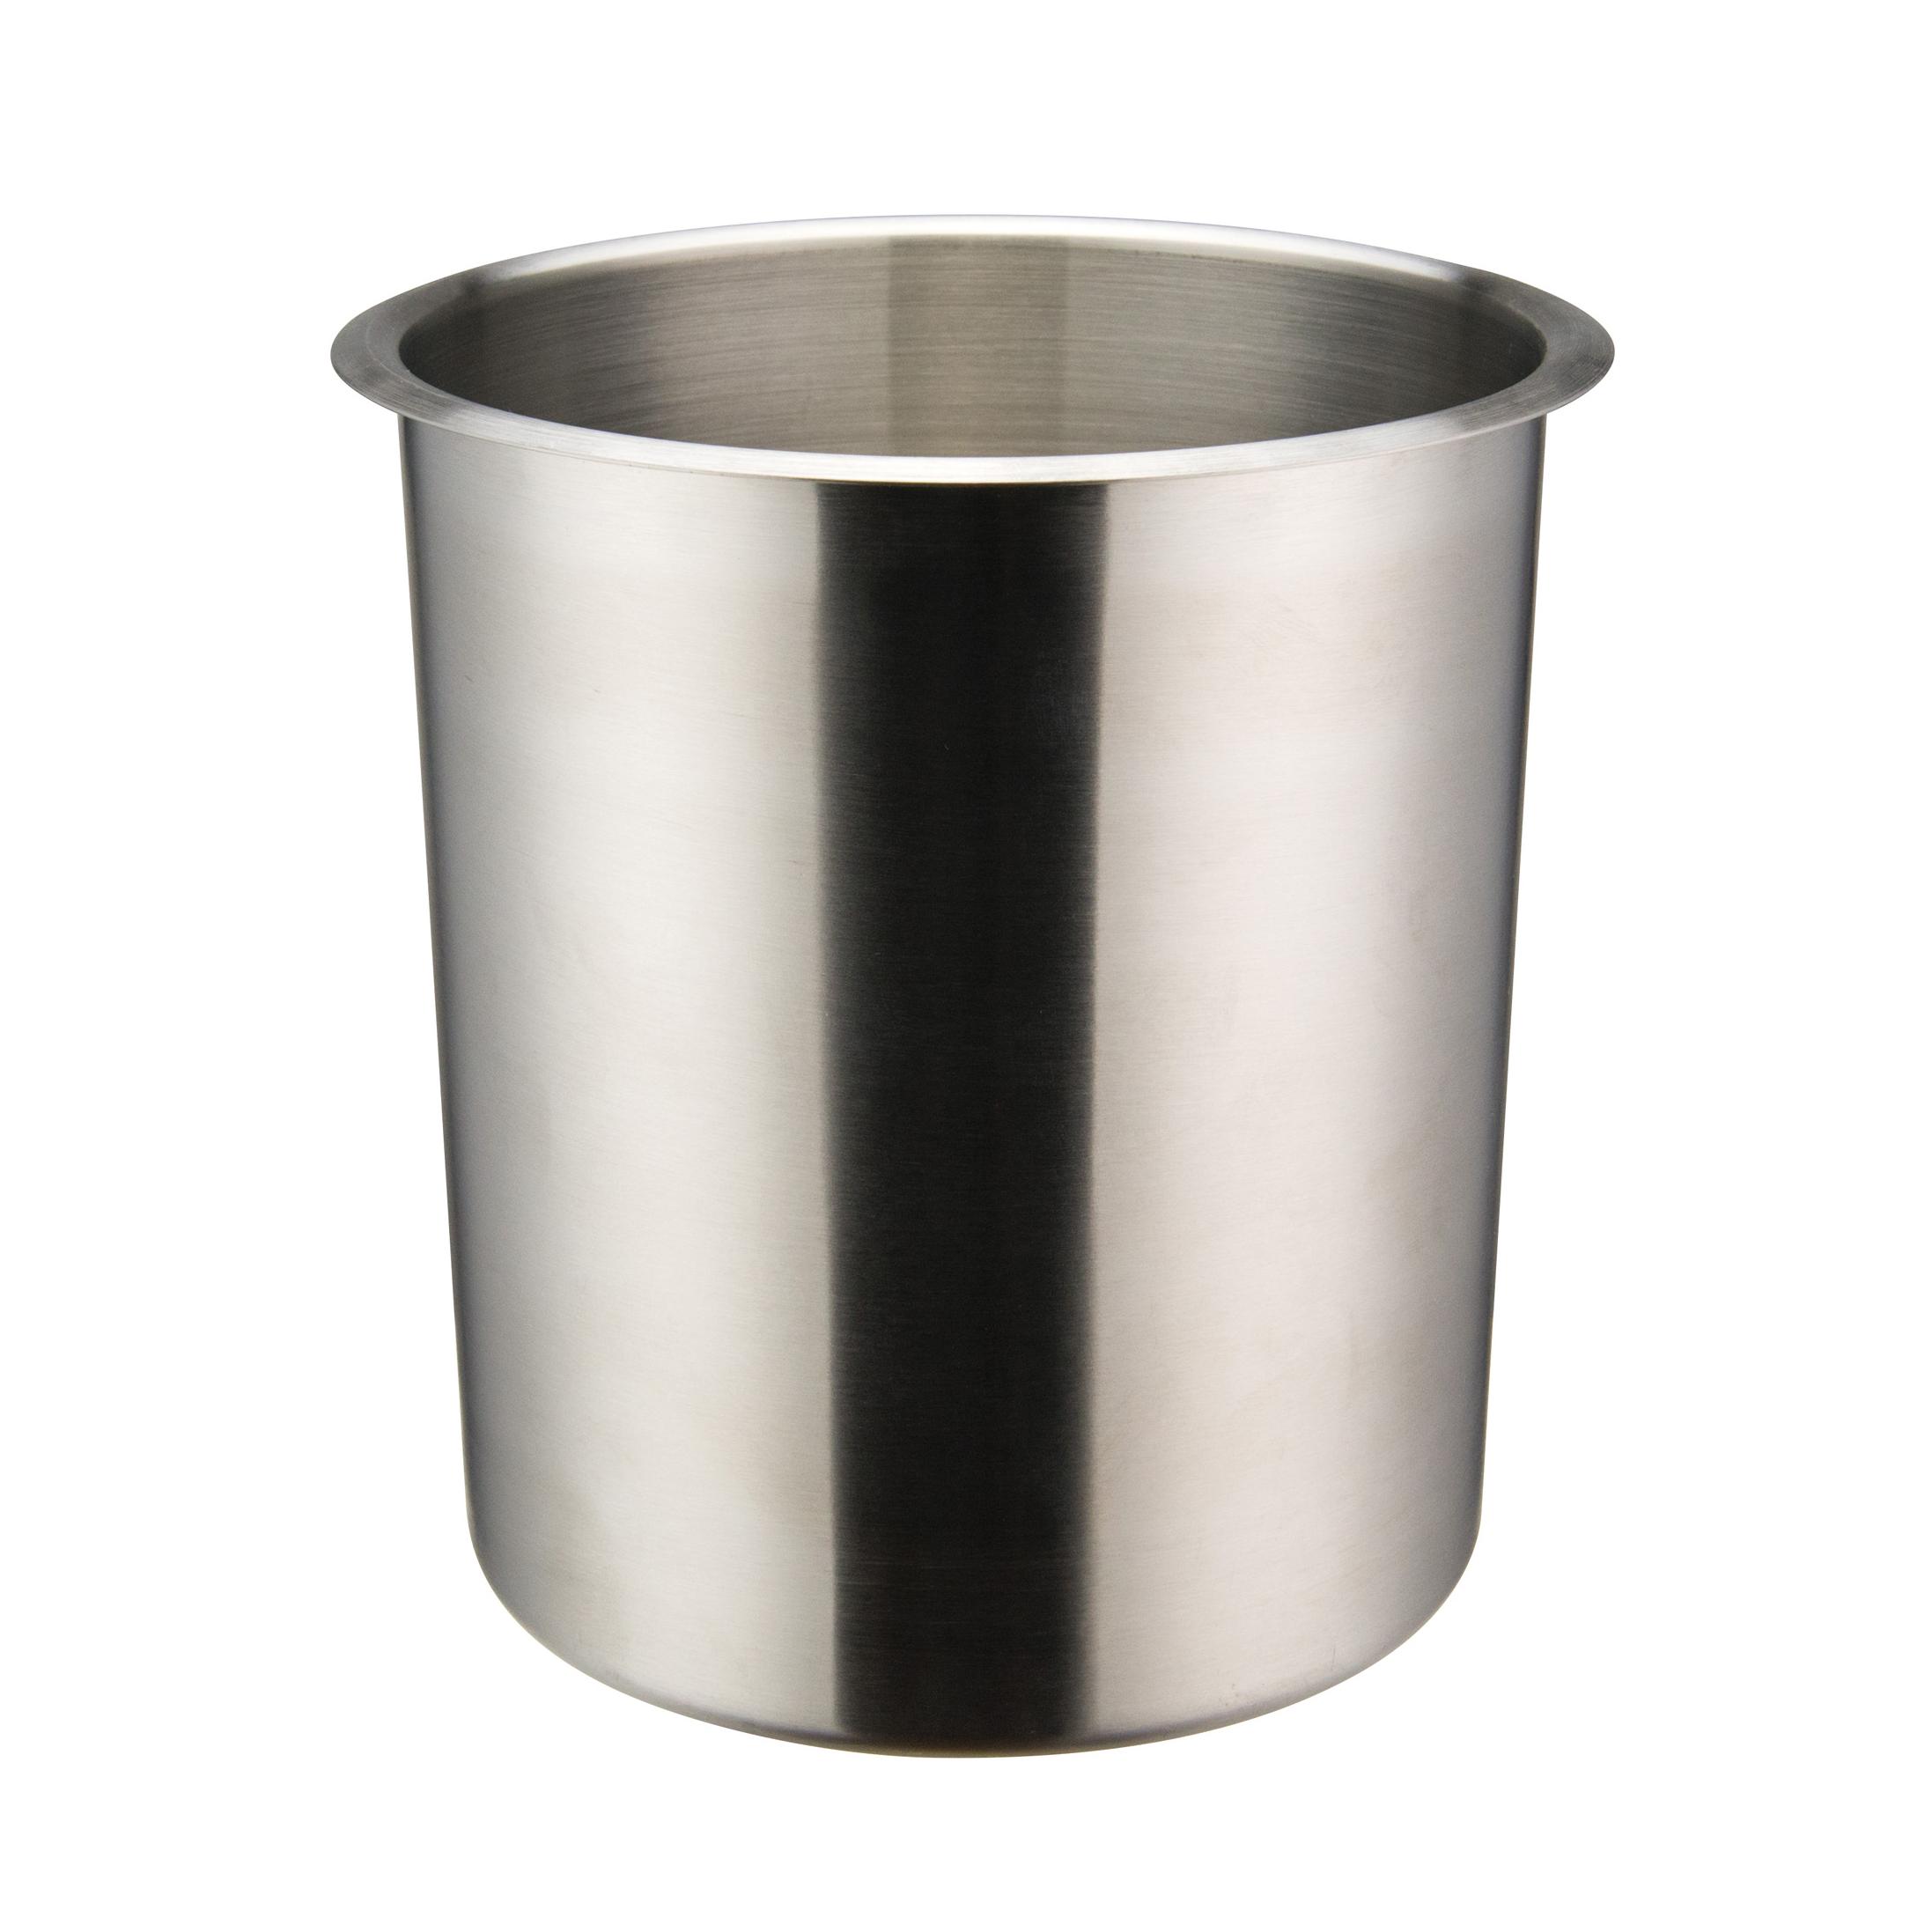 Winco BAMN-4.25 bain marie pot